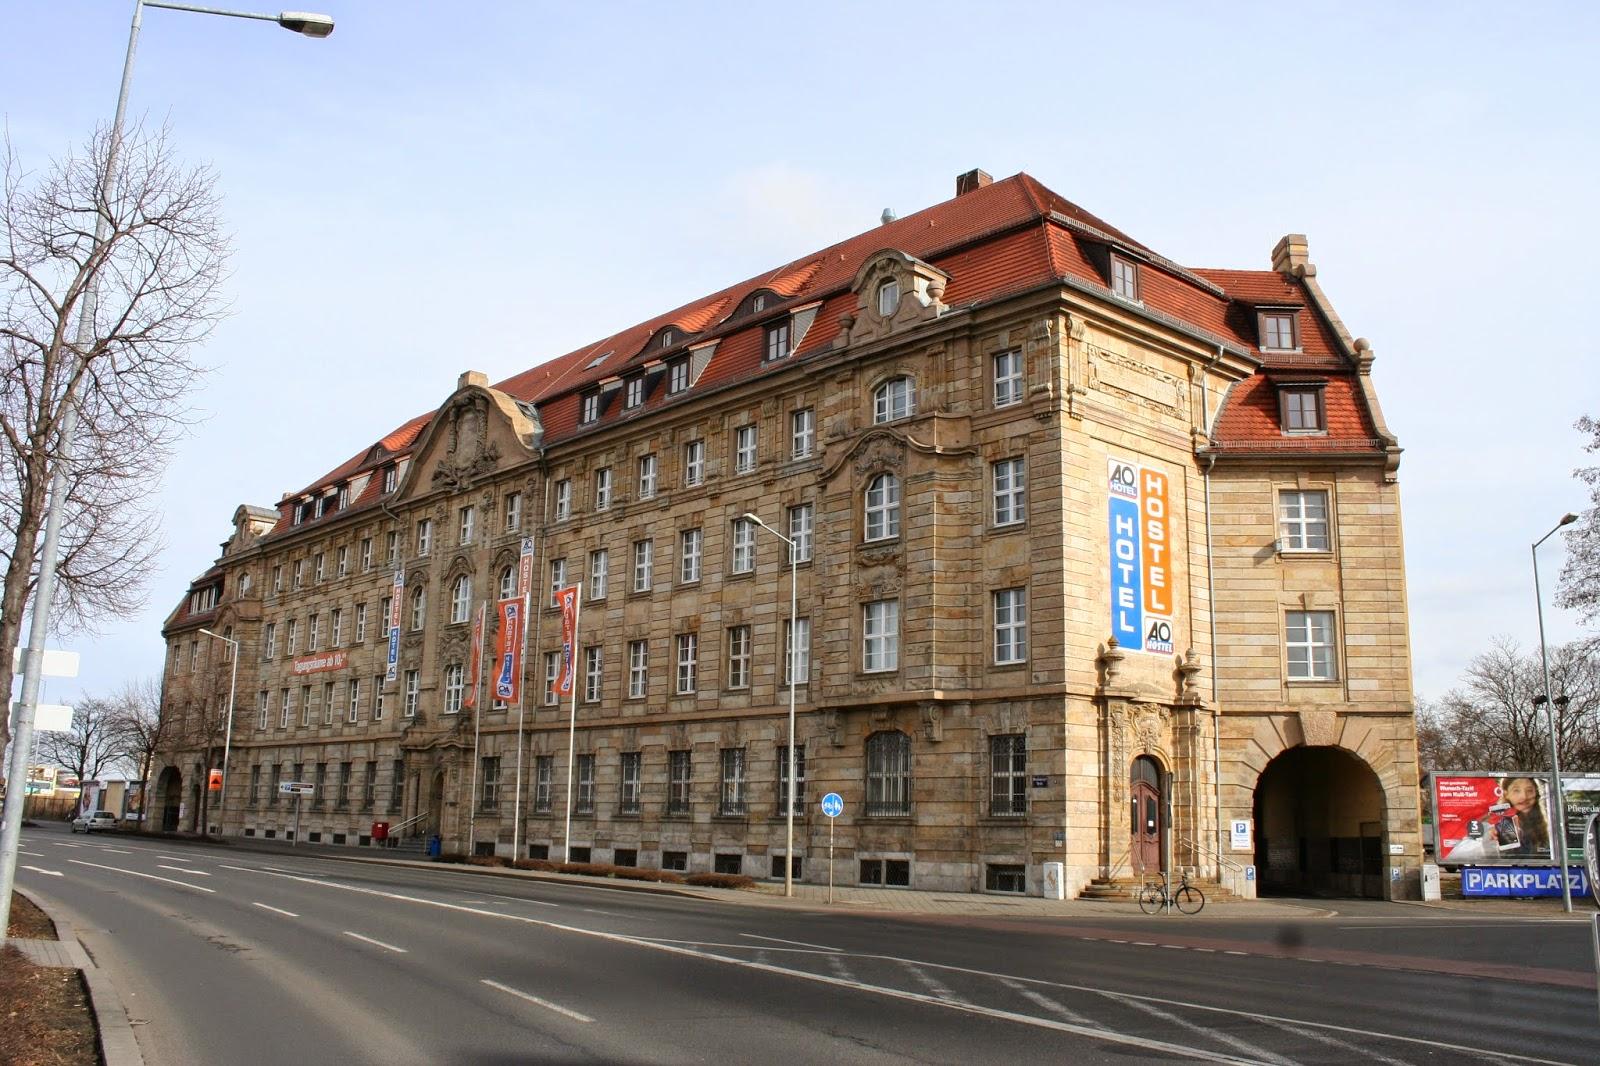 Das Bahnpostamt an der Brandenburger Straße - nach der Sanierung ist 2008 ein Hotel - www.aohostels.com - ins Gebäude eingezogen